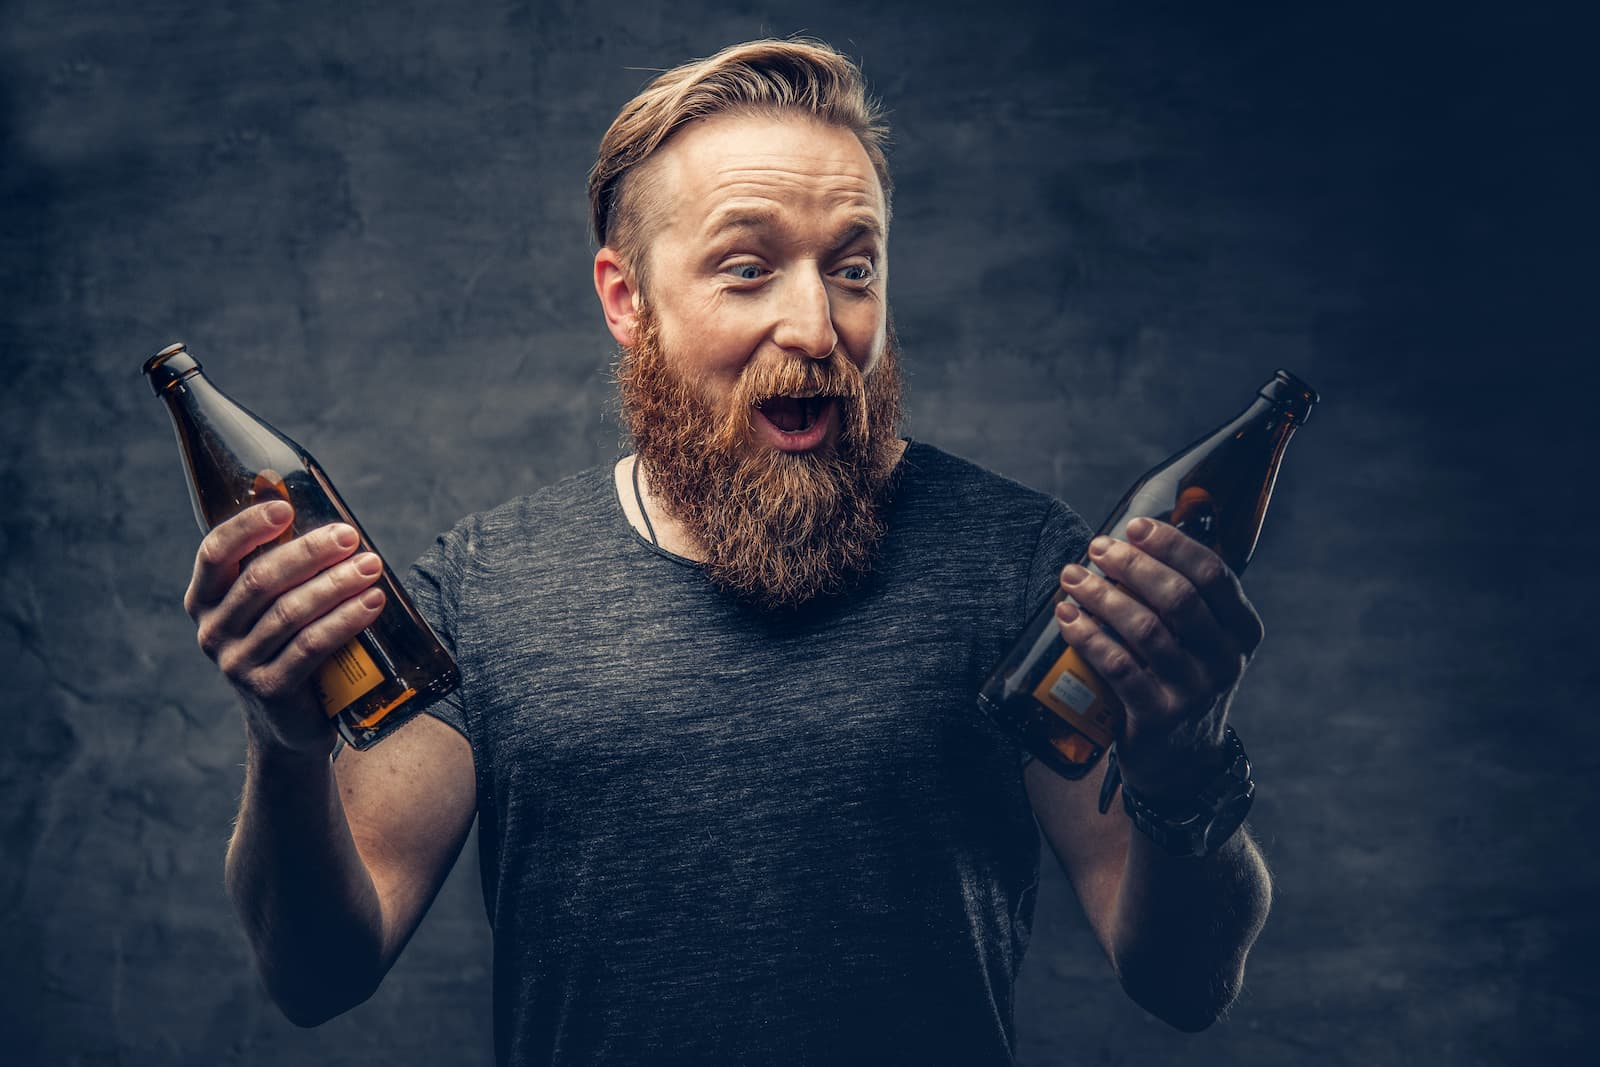 Międzynarodowy Dzień Piwa. 7 ciekawostek o piwie, o których nie miałeś pojęcia